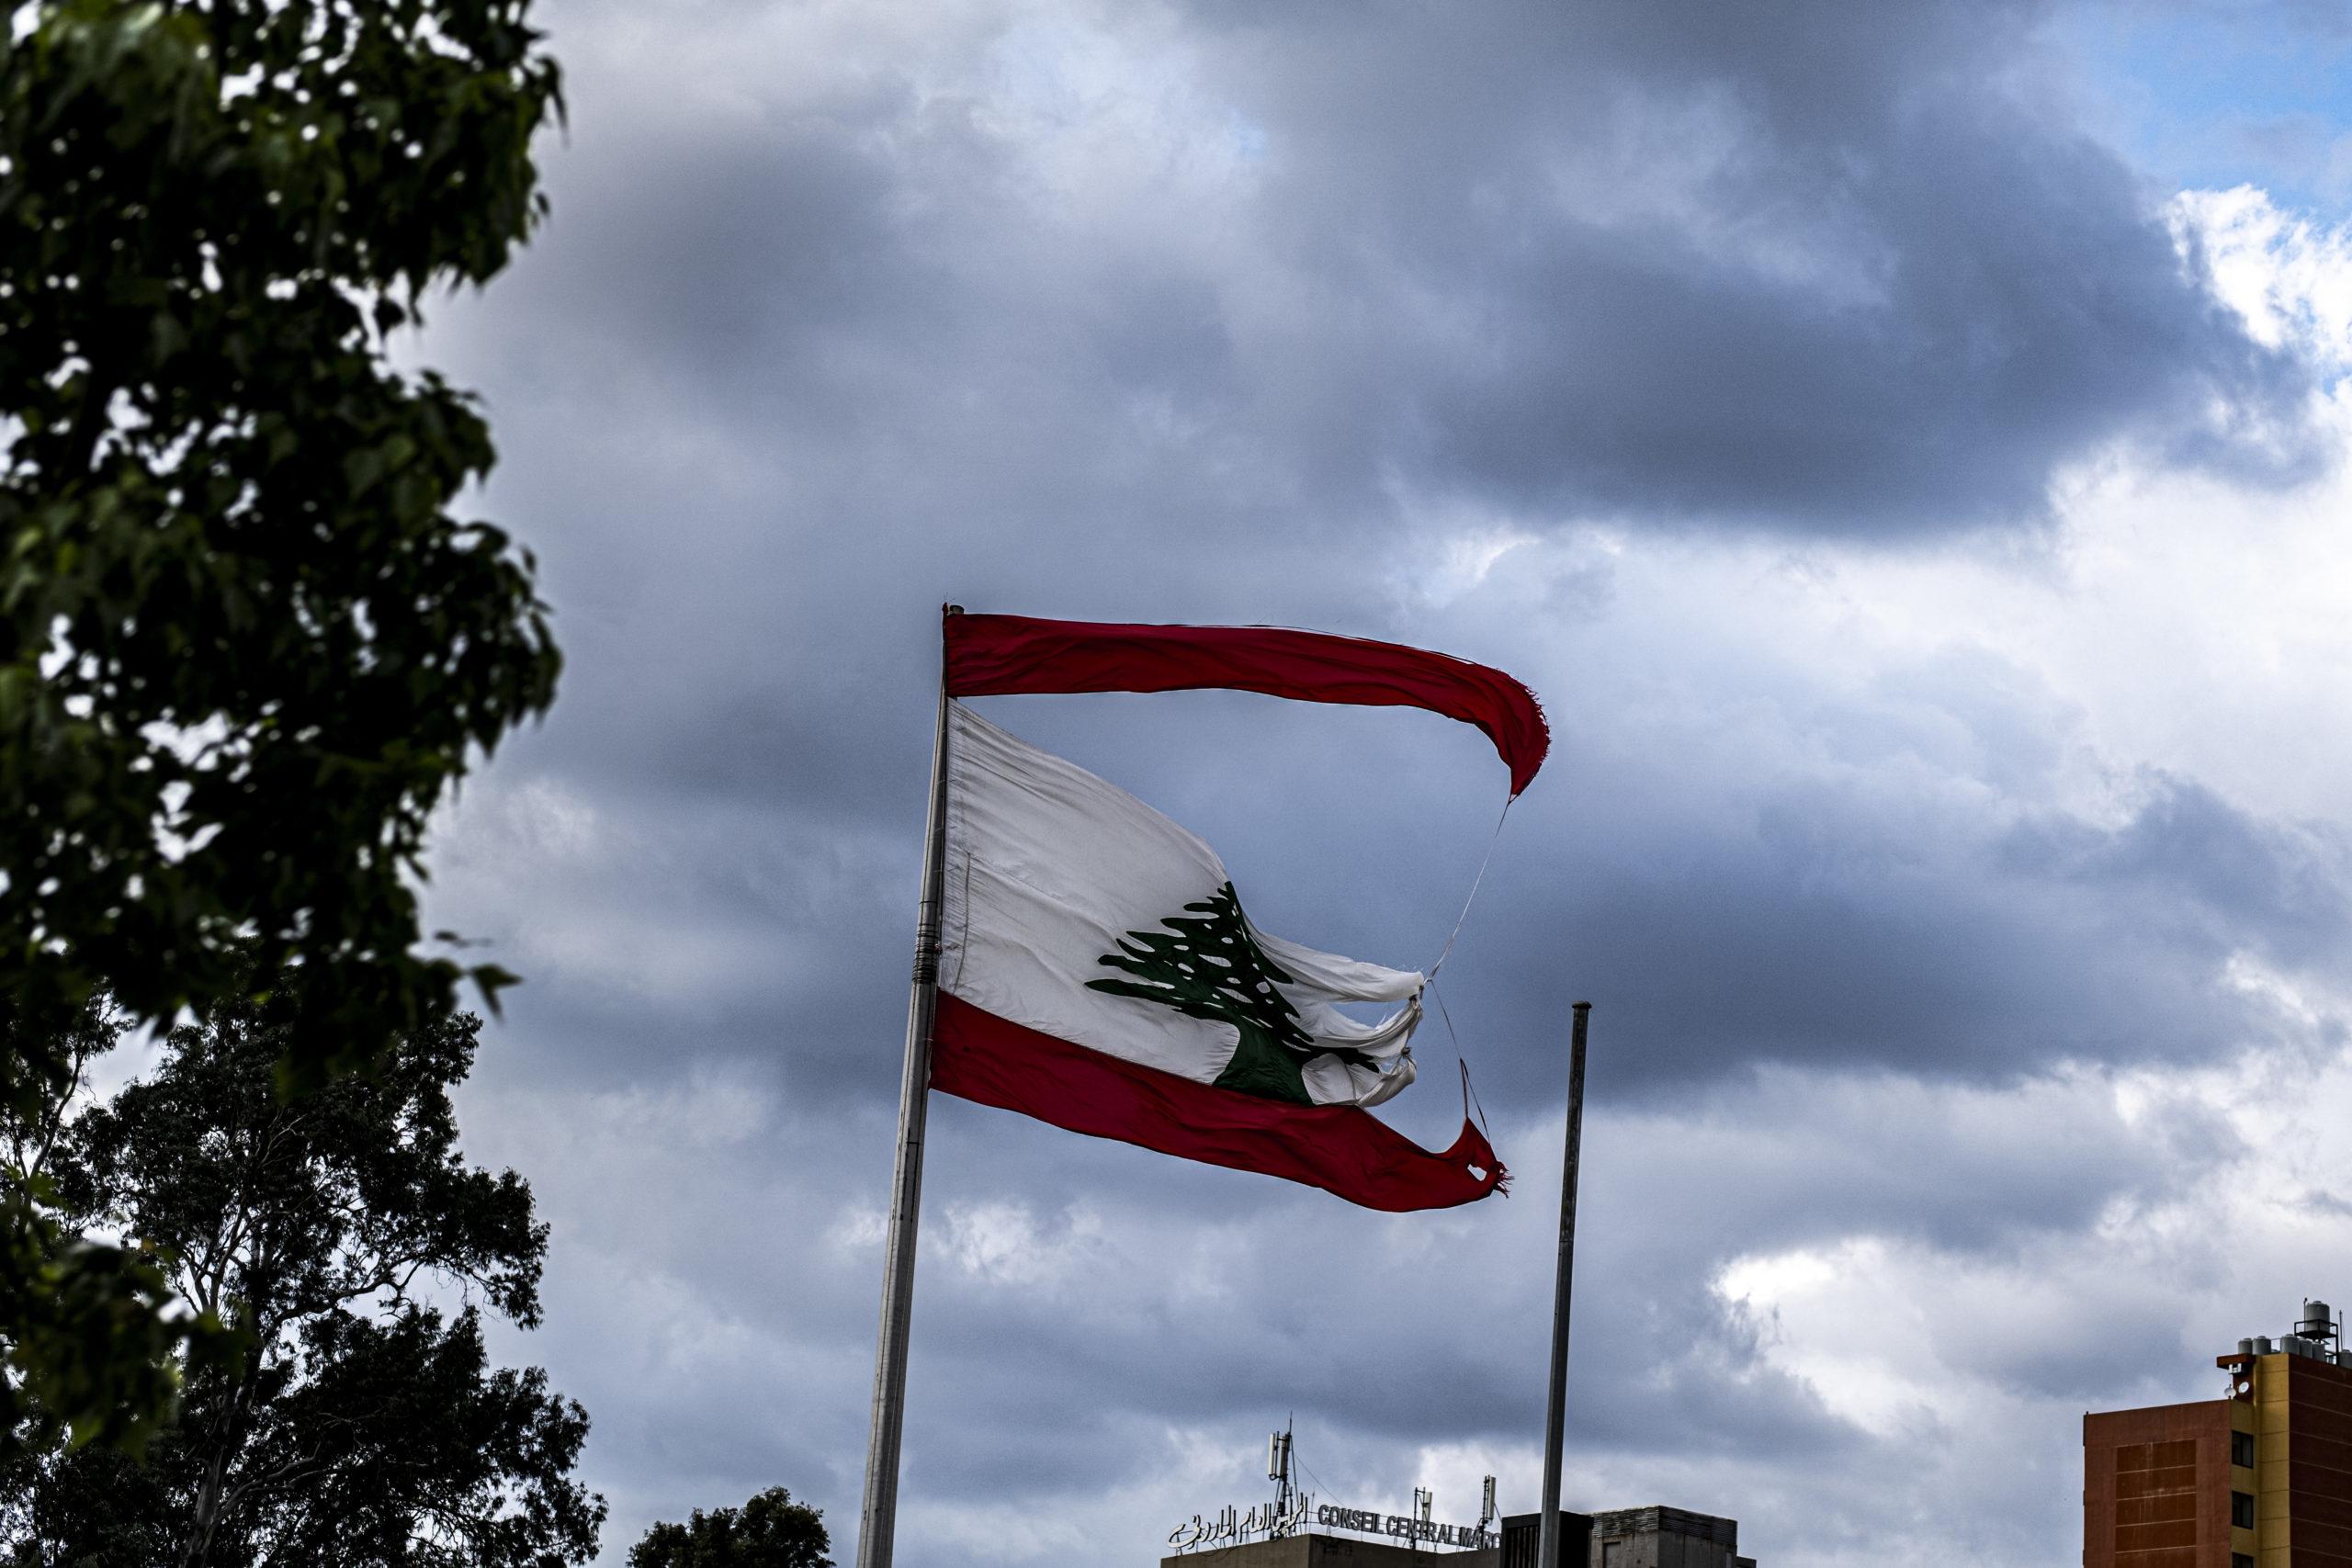 Et spjæret flagg vaier i vinden ikke langt fra Ground Zero, som et trist symbol på den tilstanden landet befinner seg i for tiden.